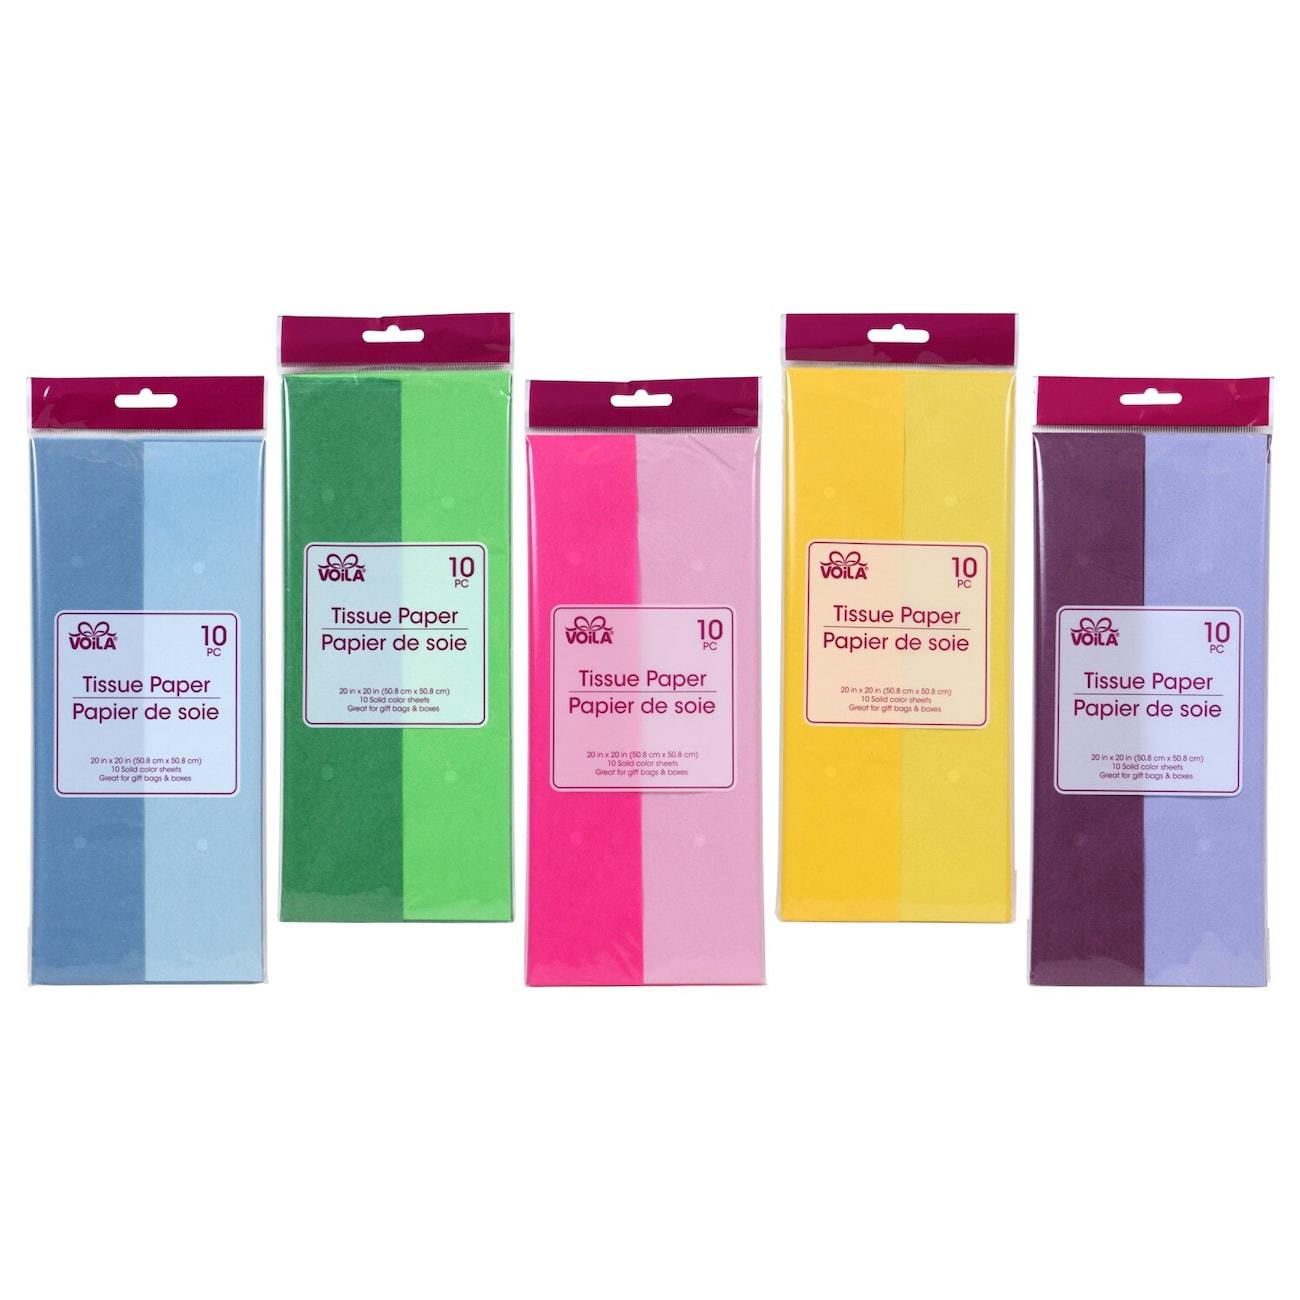 65765feb842a3 Voila Two-Tone Tissue Paper